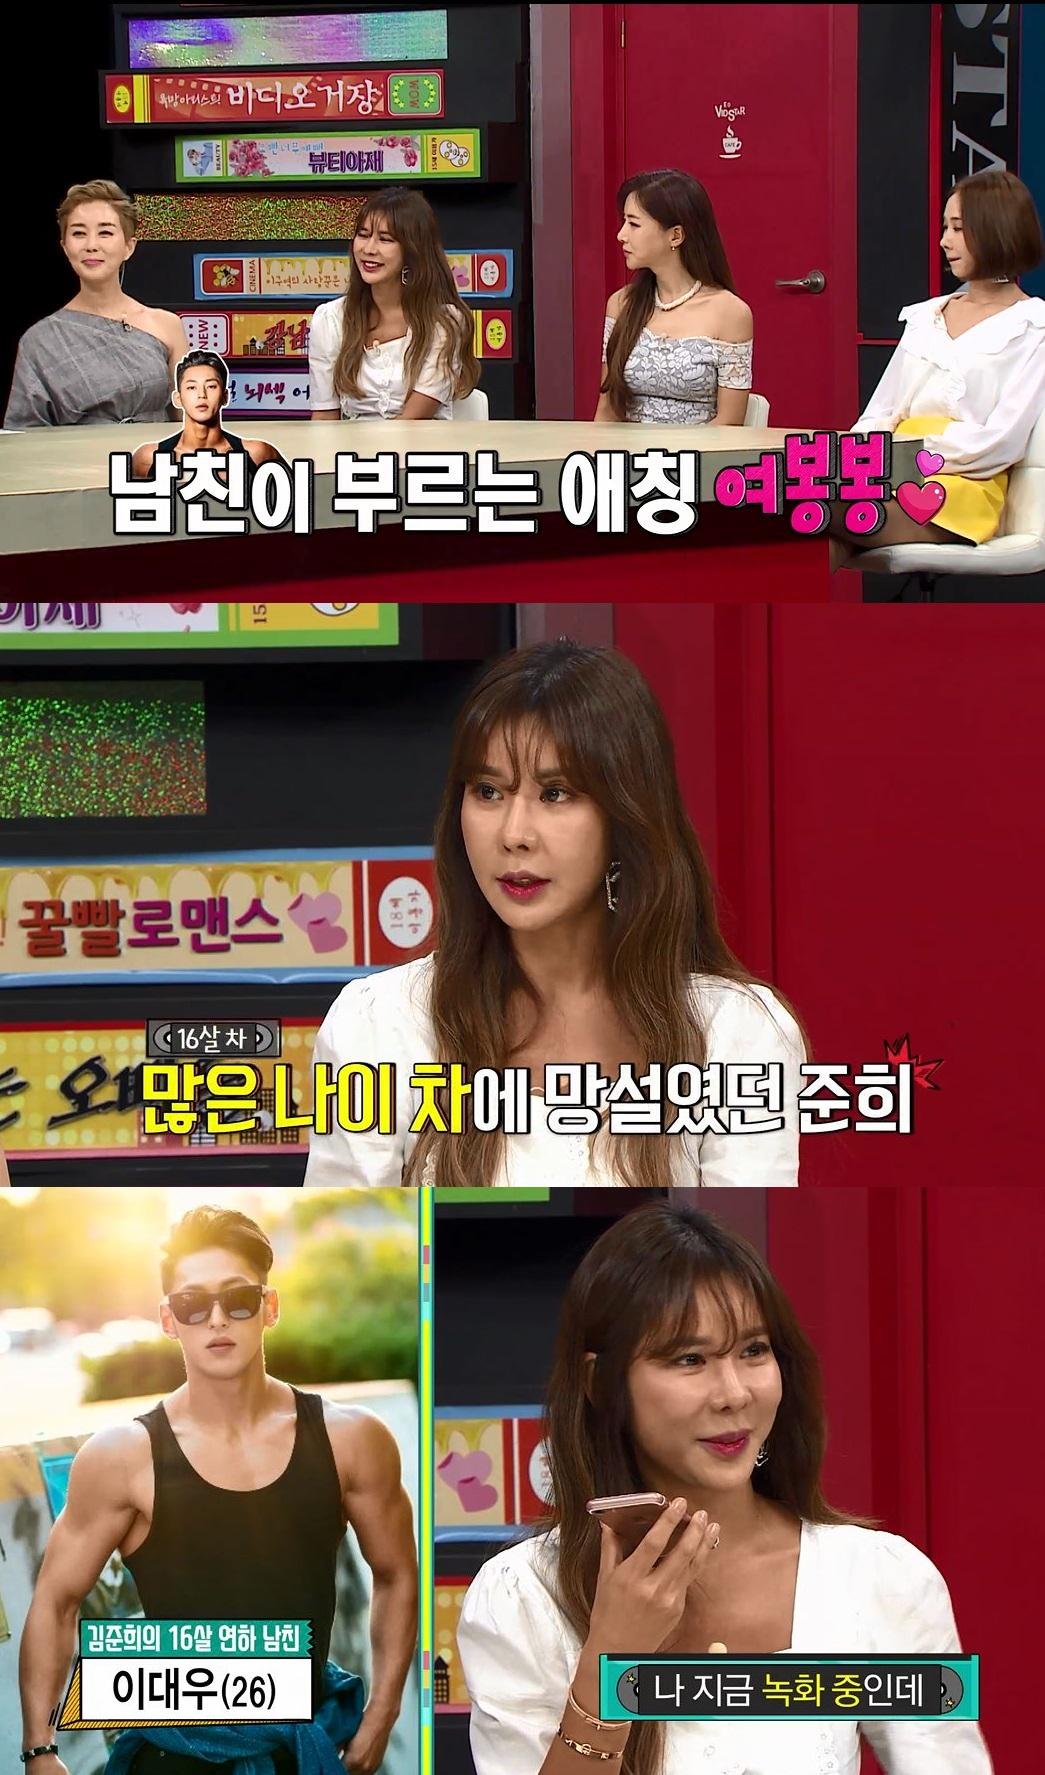 <비디오스타> 김준희, 16살 연하 남자친구 이대우와 달달한 전화 연결